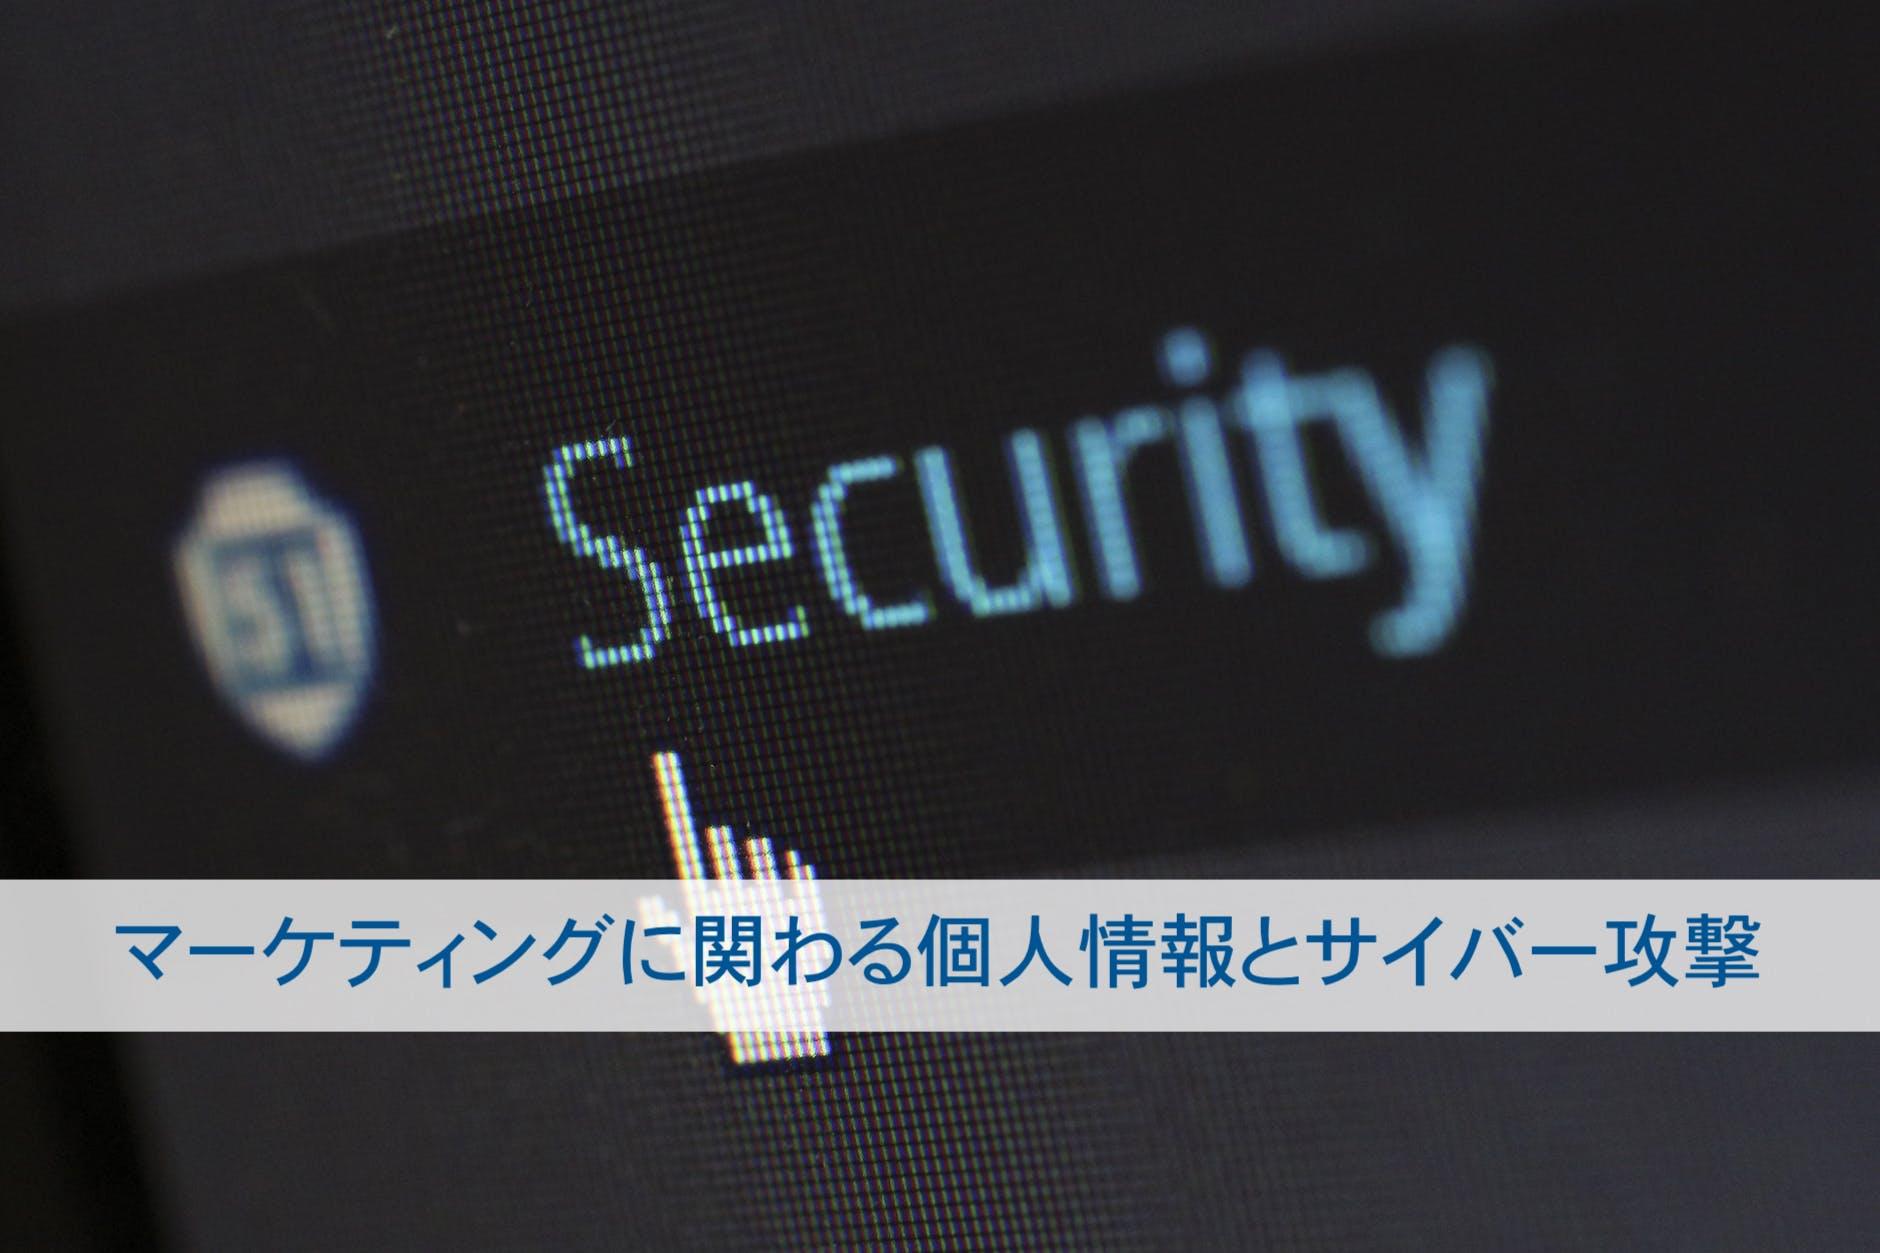 マーケティングに関わる個人情報とサイバー攻撃